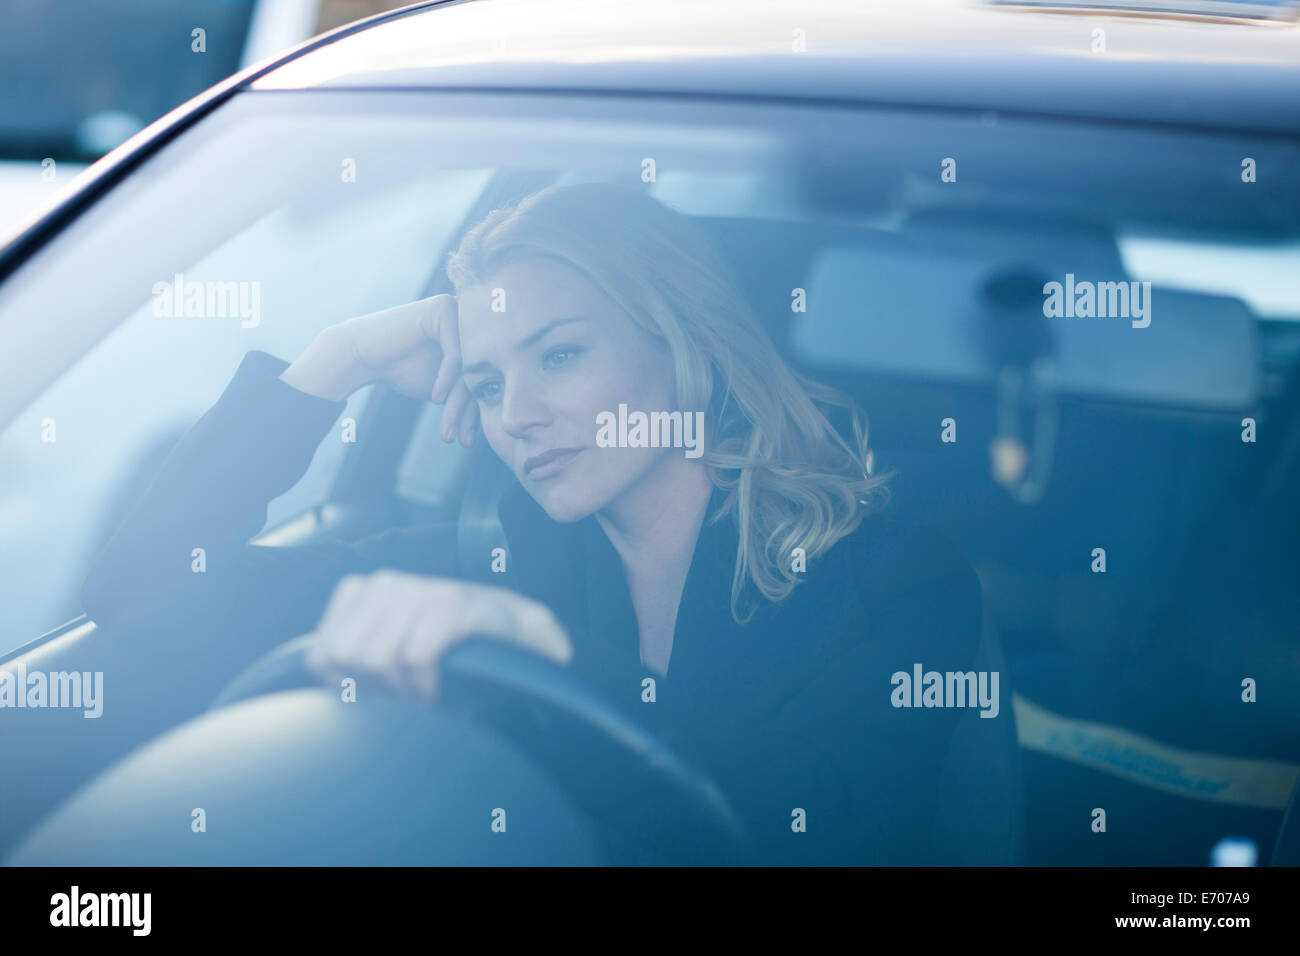 La empresaria aburrido mirar fijamente durante la conducción en ciudad, atascos de tráfico Imagen De Stock